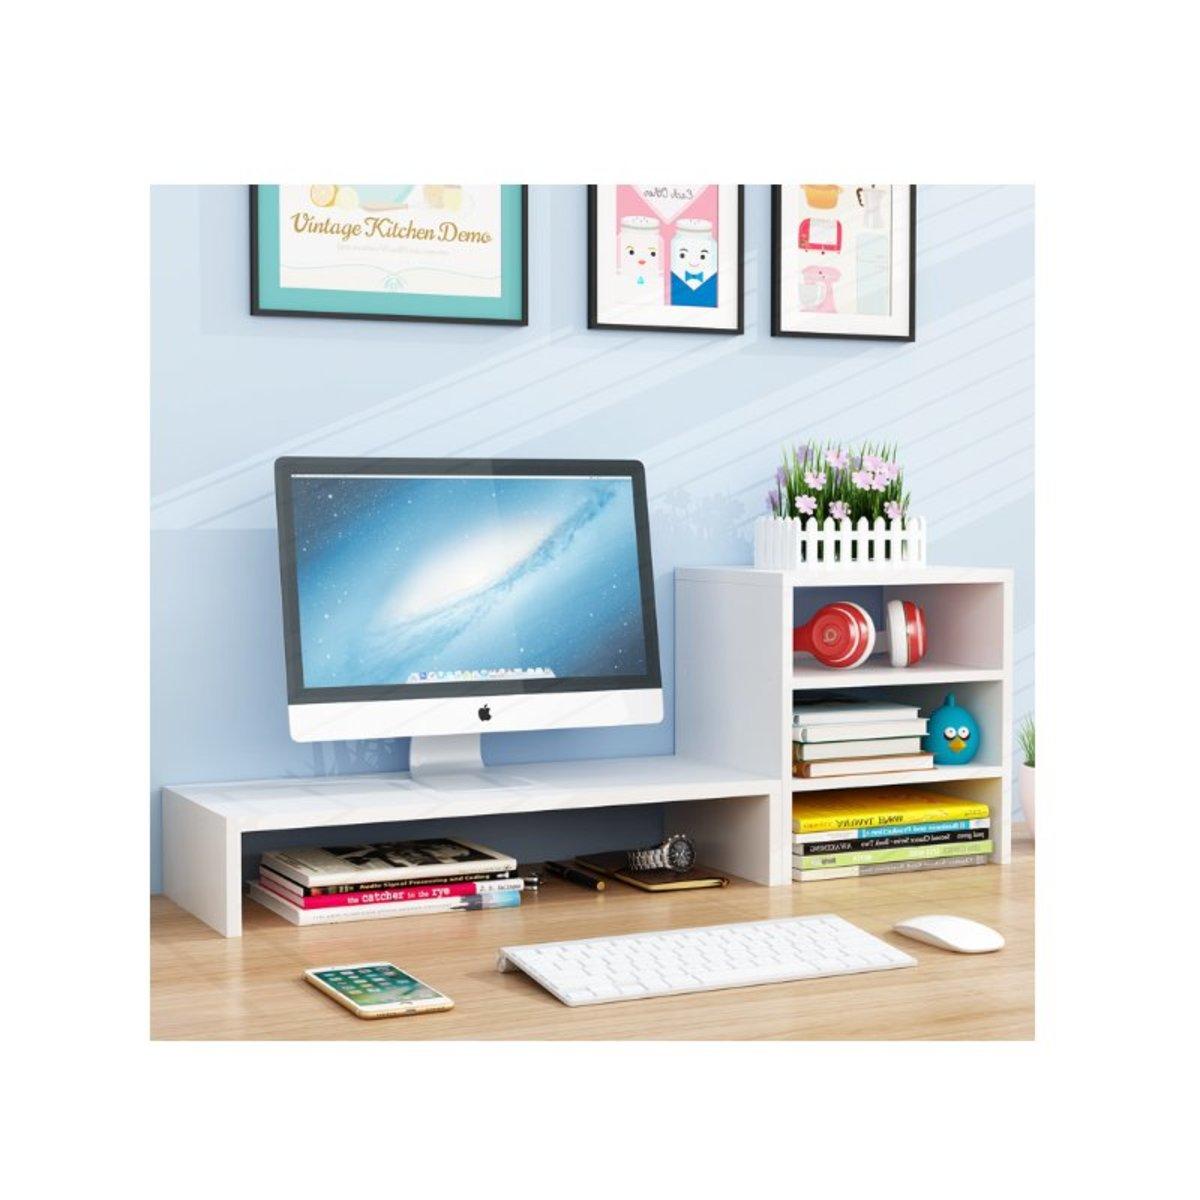 電腦顯示器桌面增高組合架